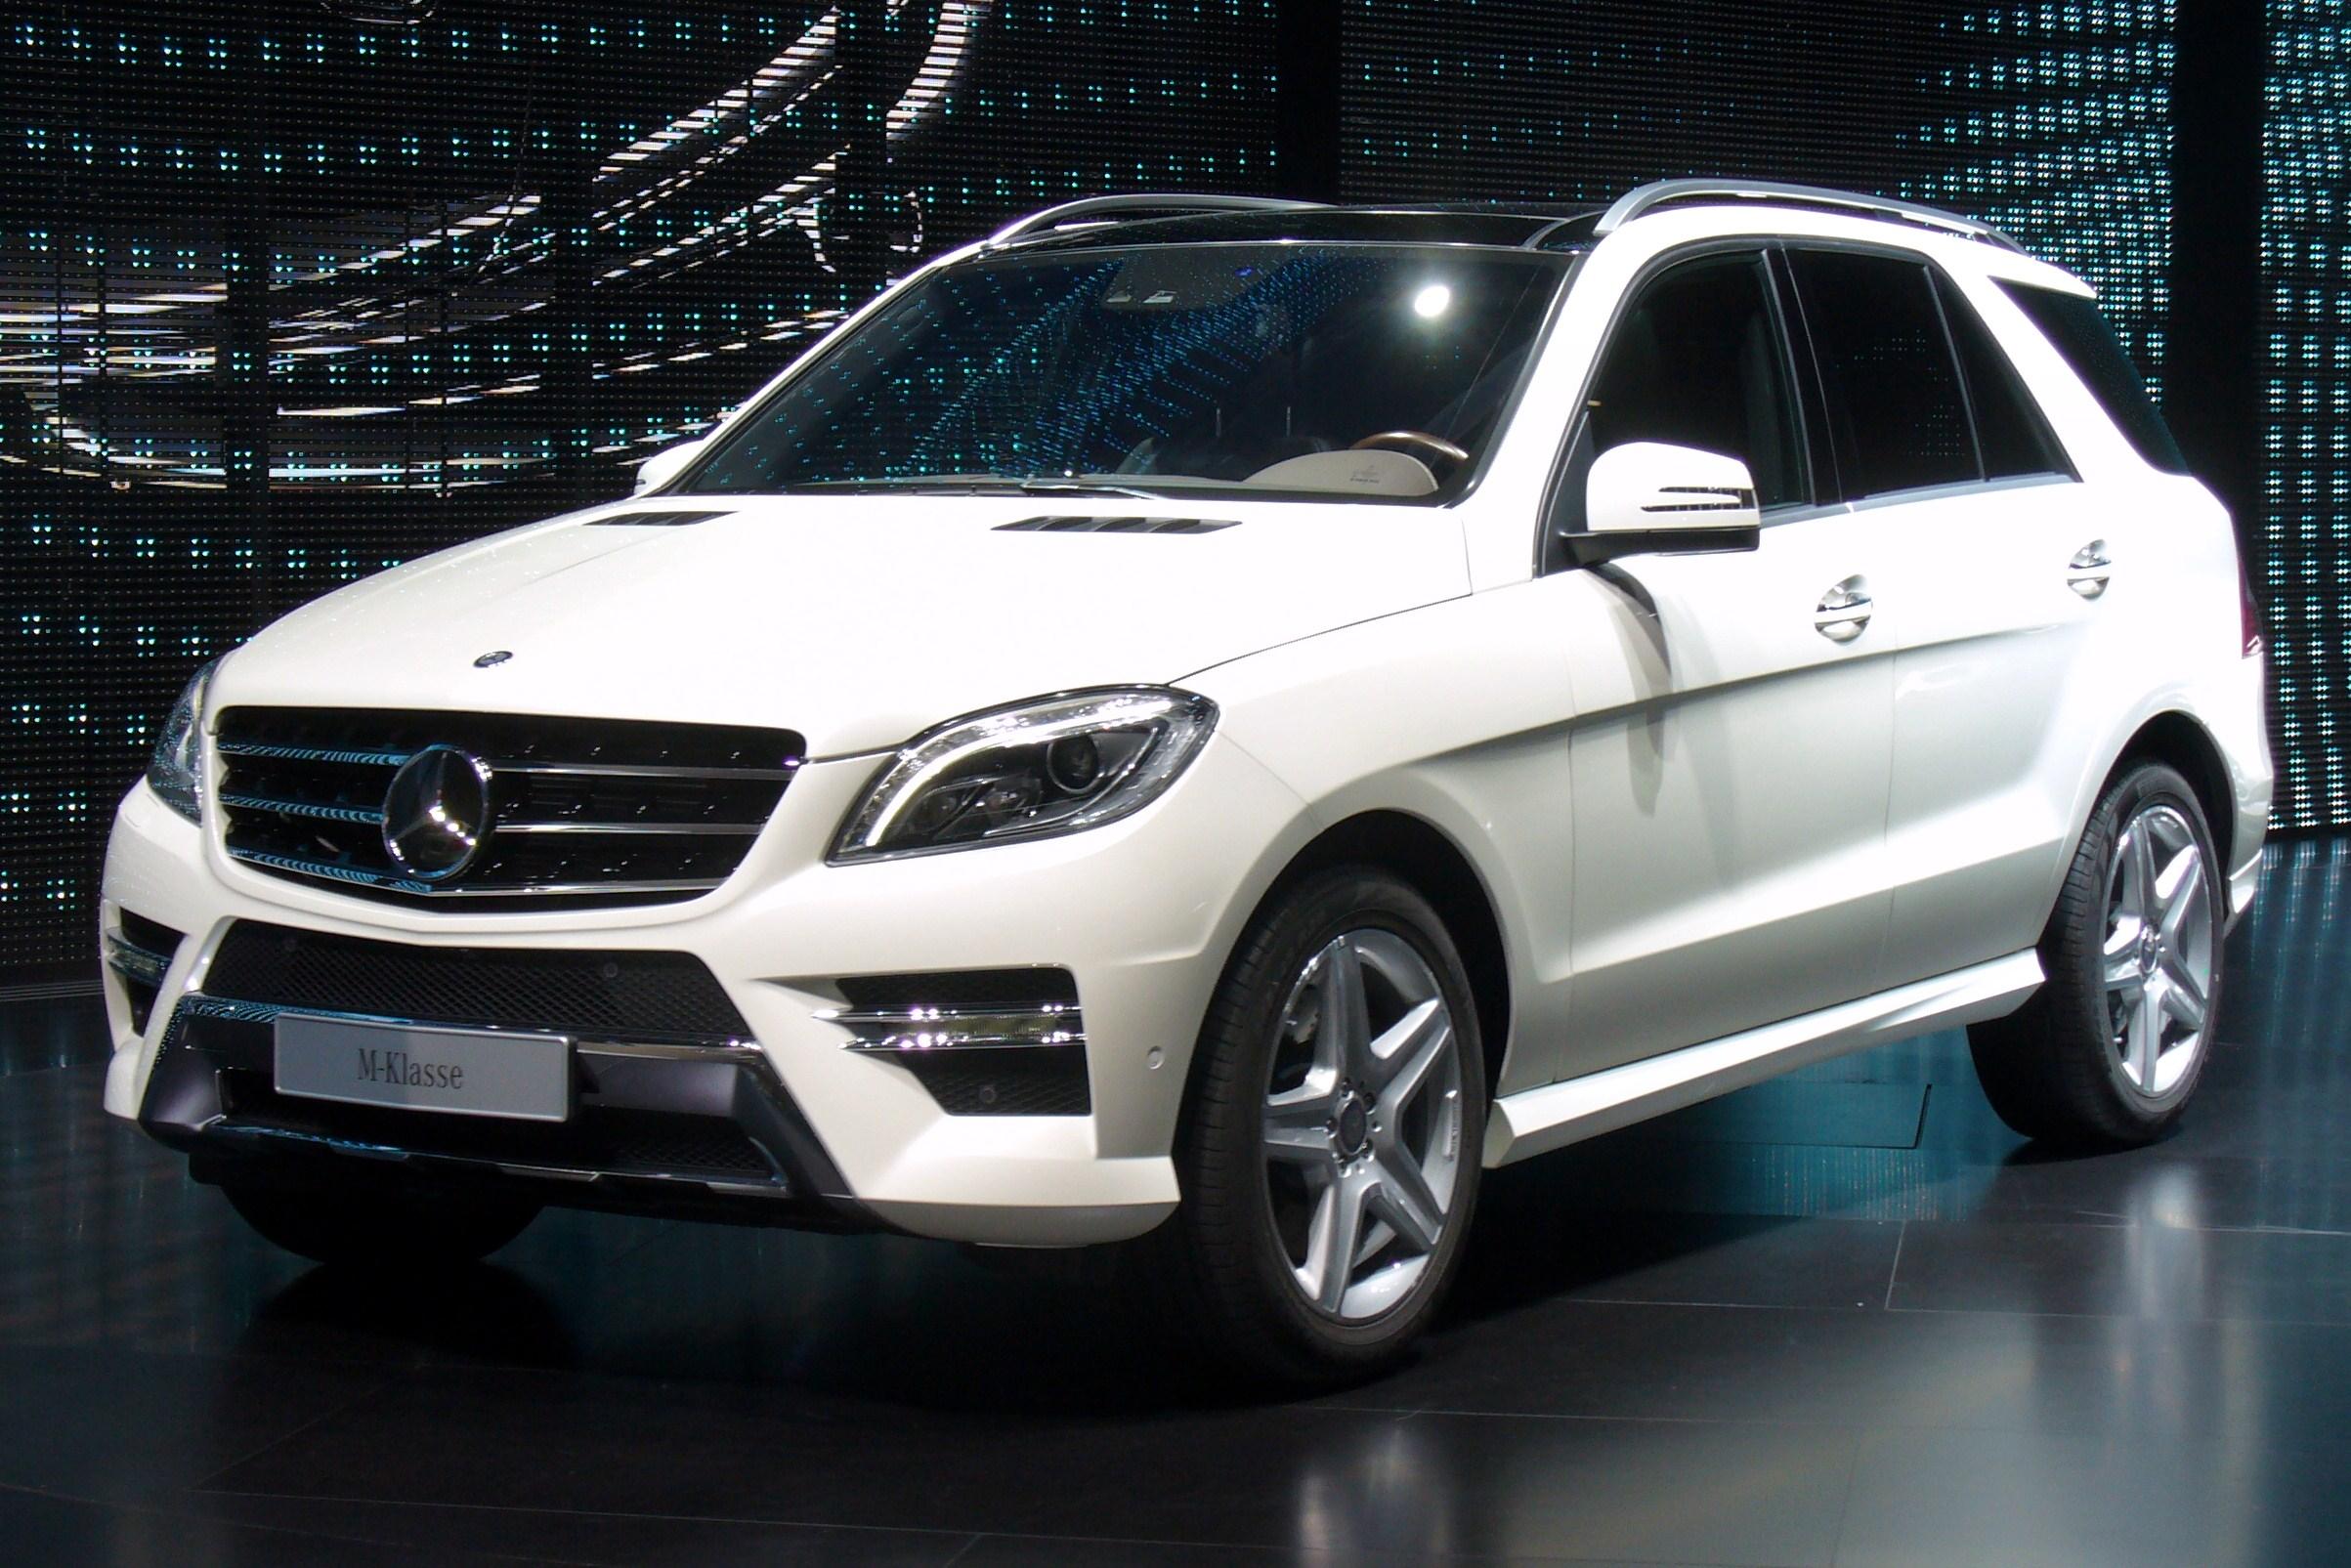 File:Mercedes-Benz W166 IAA 2011.JPG - Wikimedia Commons